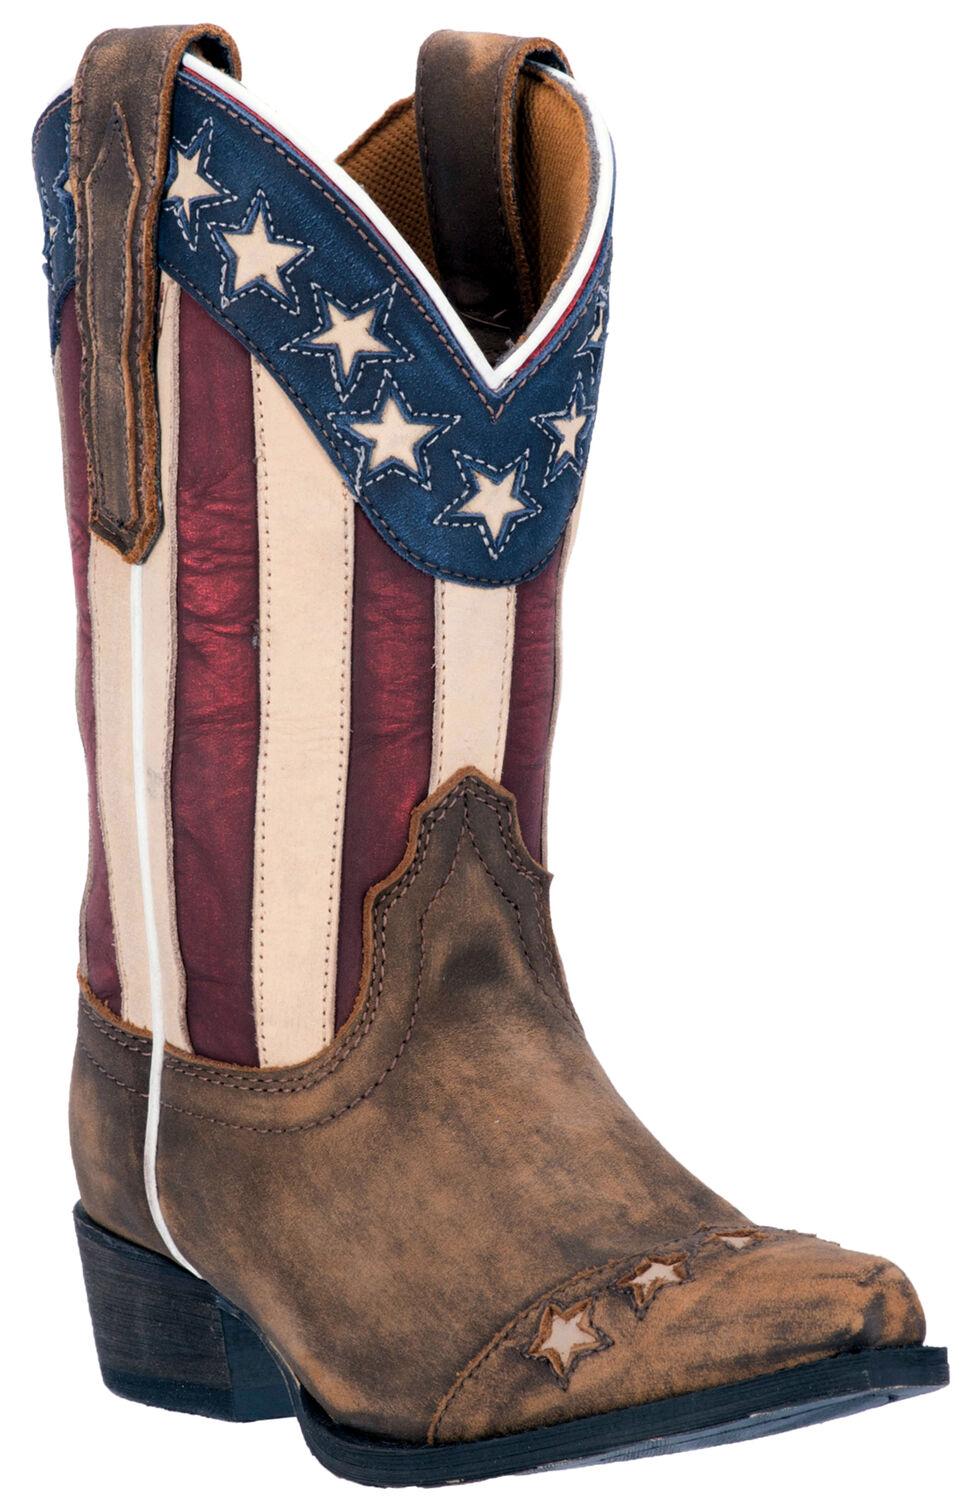 Dan Post Boys' Lil' Liberty Cowboy Boots - Snip Toe, , hi-res